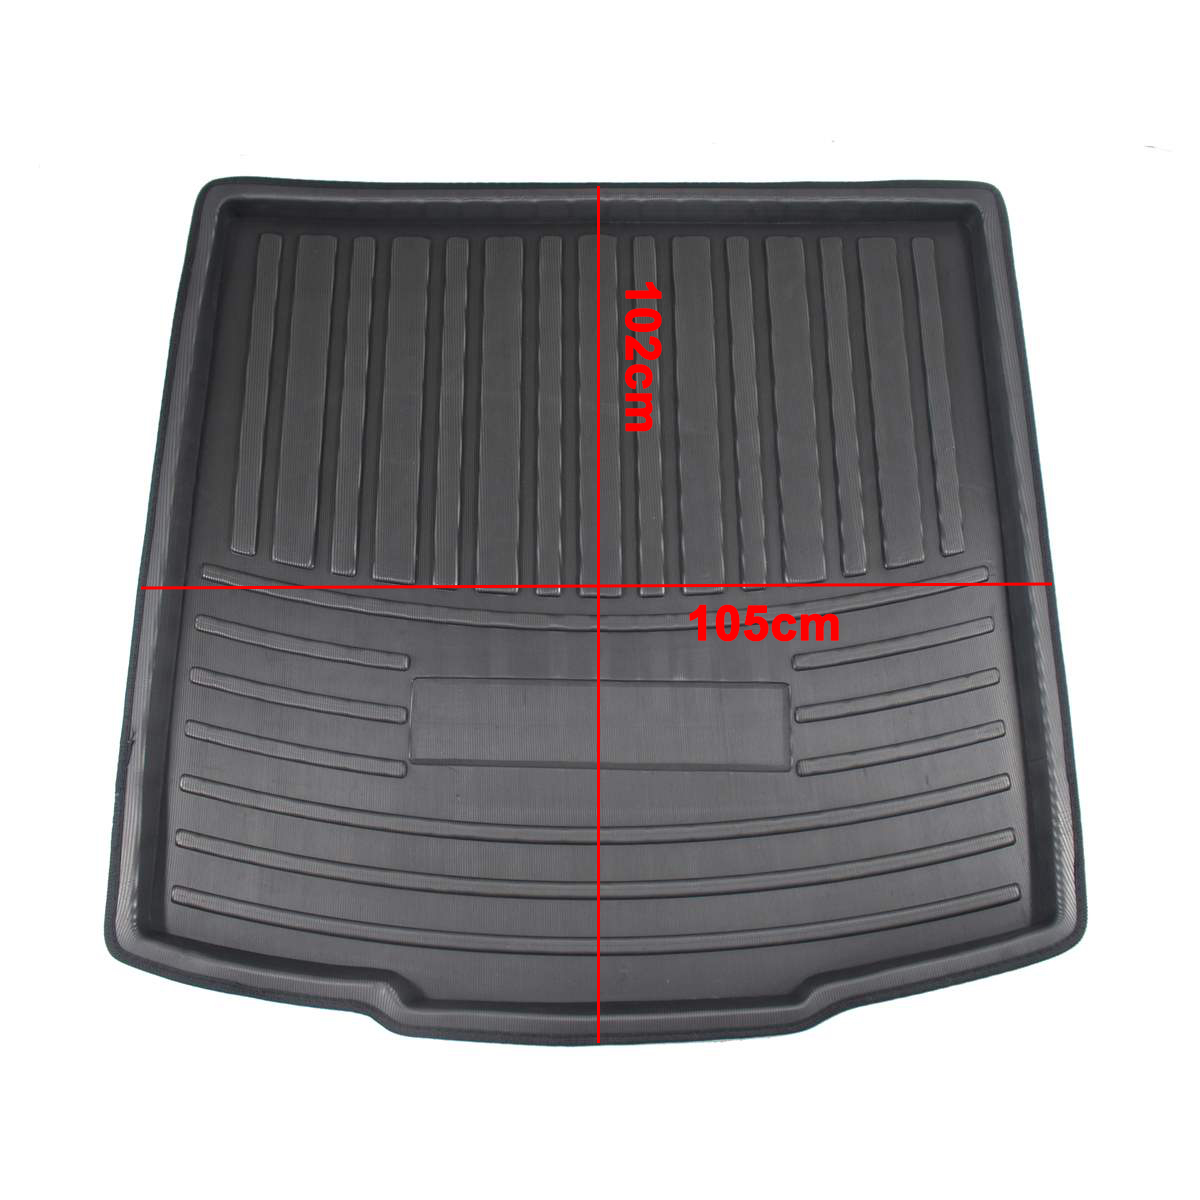 cheapest 2020 Silicon ABS Carbon fiber Car Smart Key Cover Case For Chevrolet Malibu Equinox Cruze Camaro 2016 2017 2018 2019 Accessories